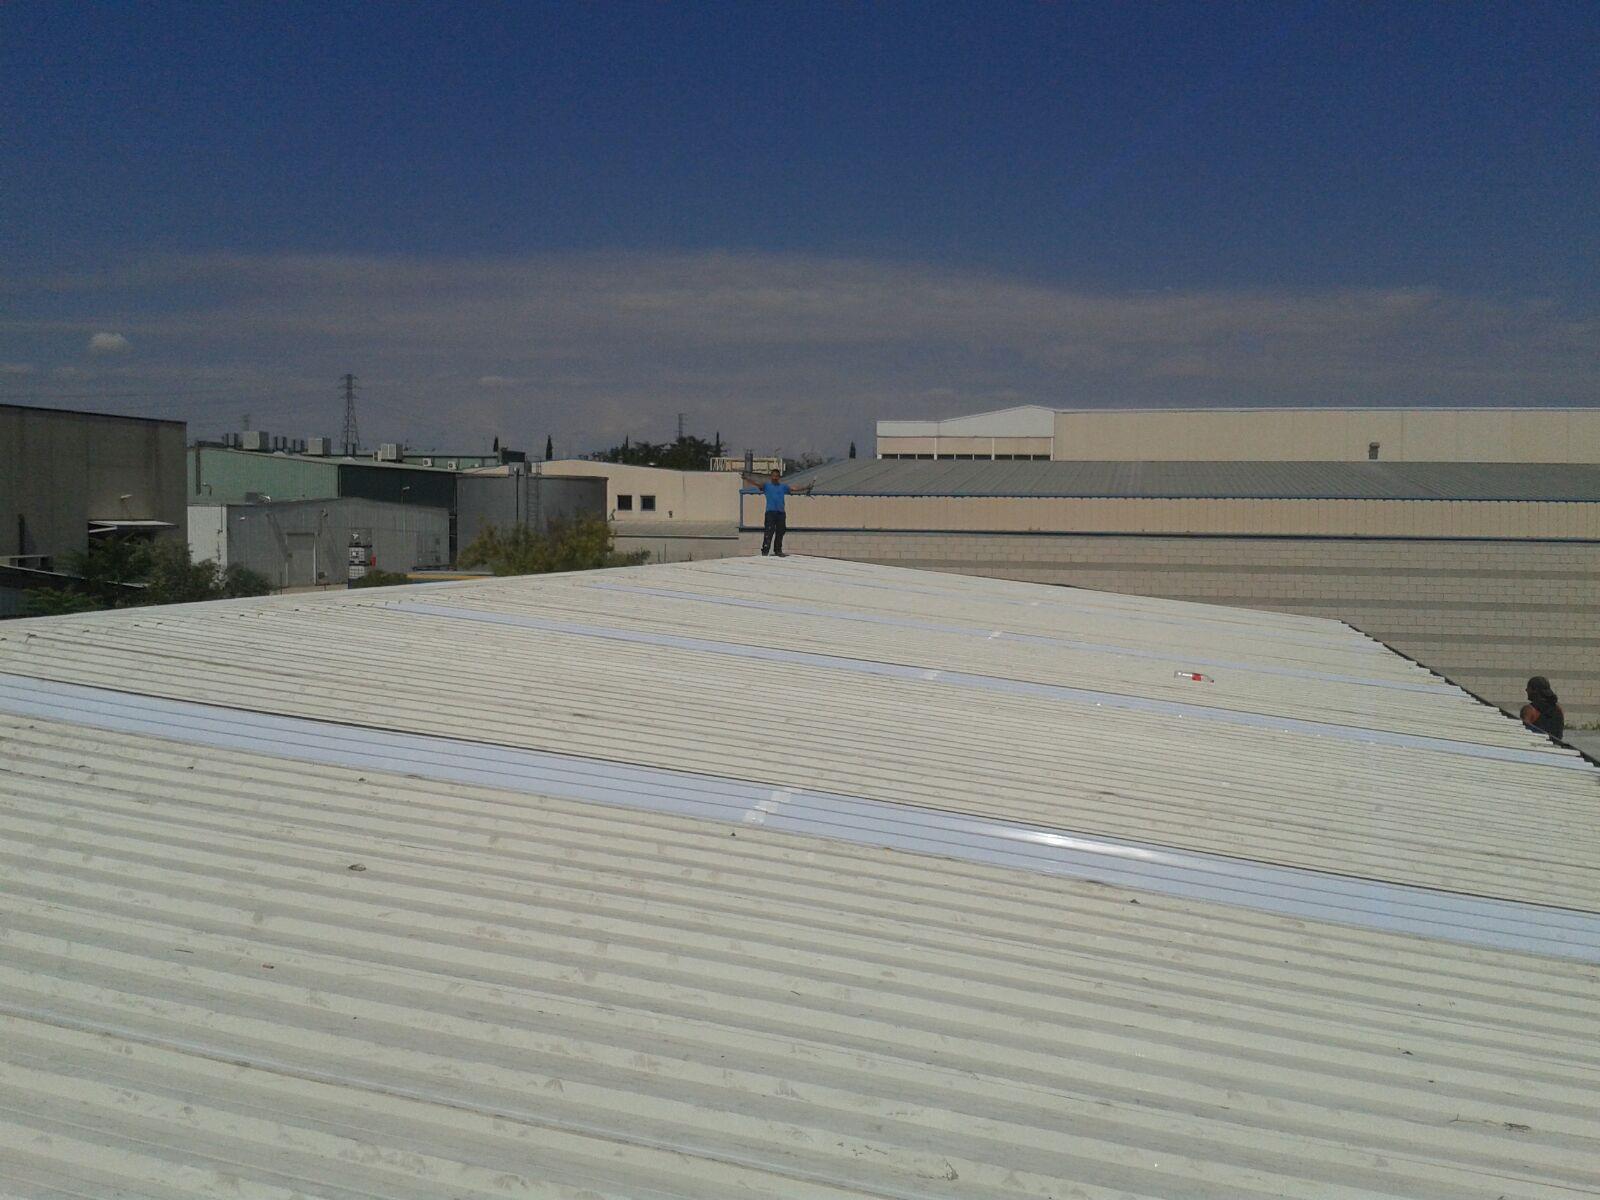 Montar un tejado nuevo encima de la uralita con panel - Placas de fibrocemento precios ...